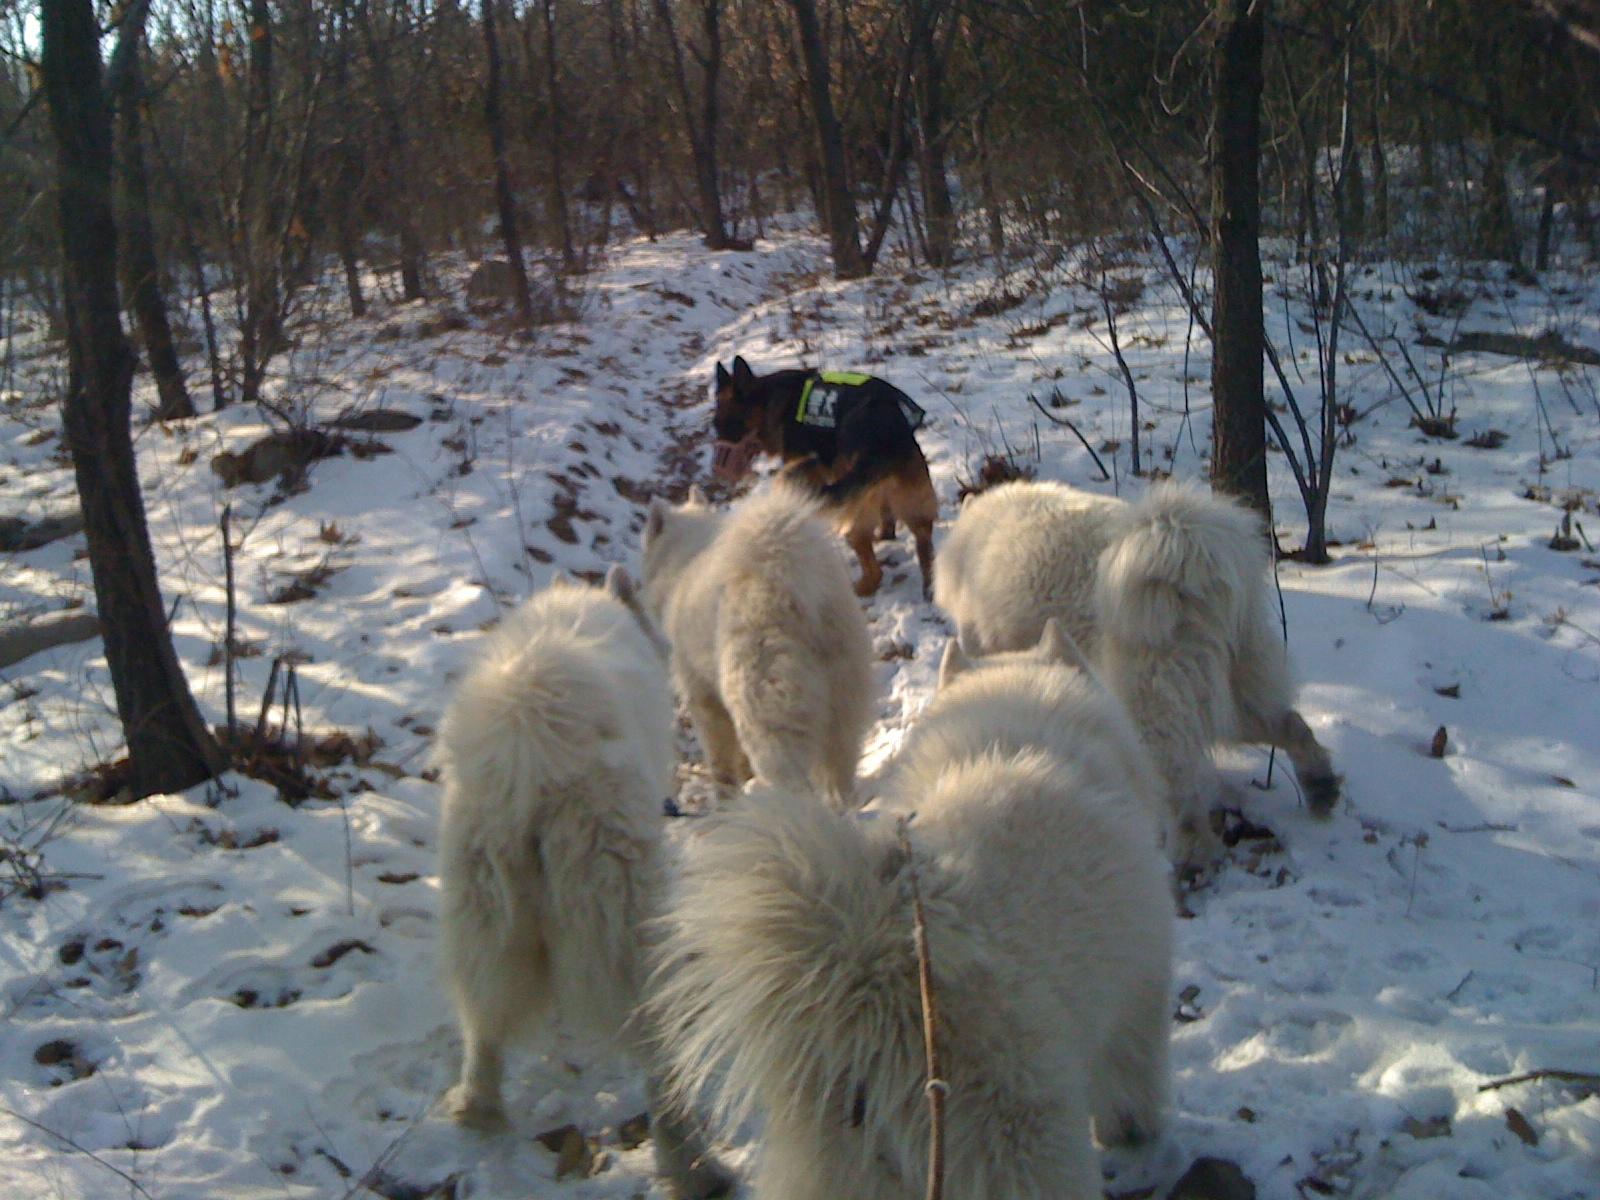 香山雪地里发现野猪蹄印